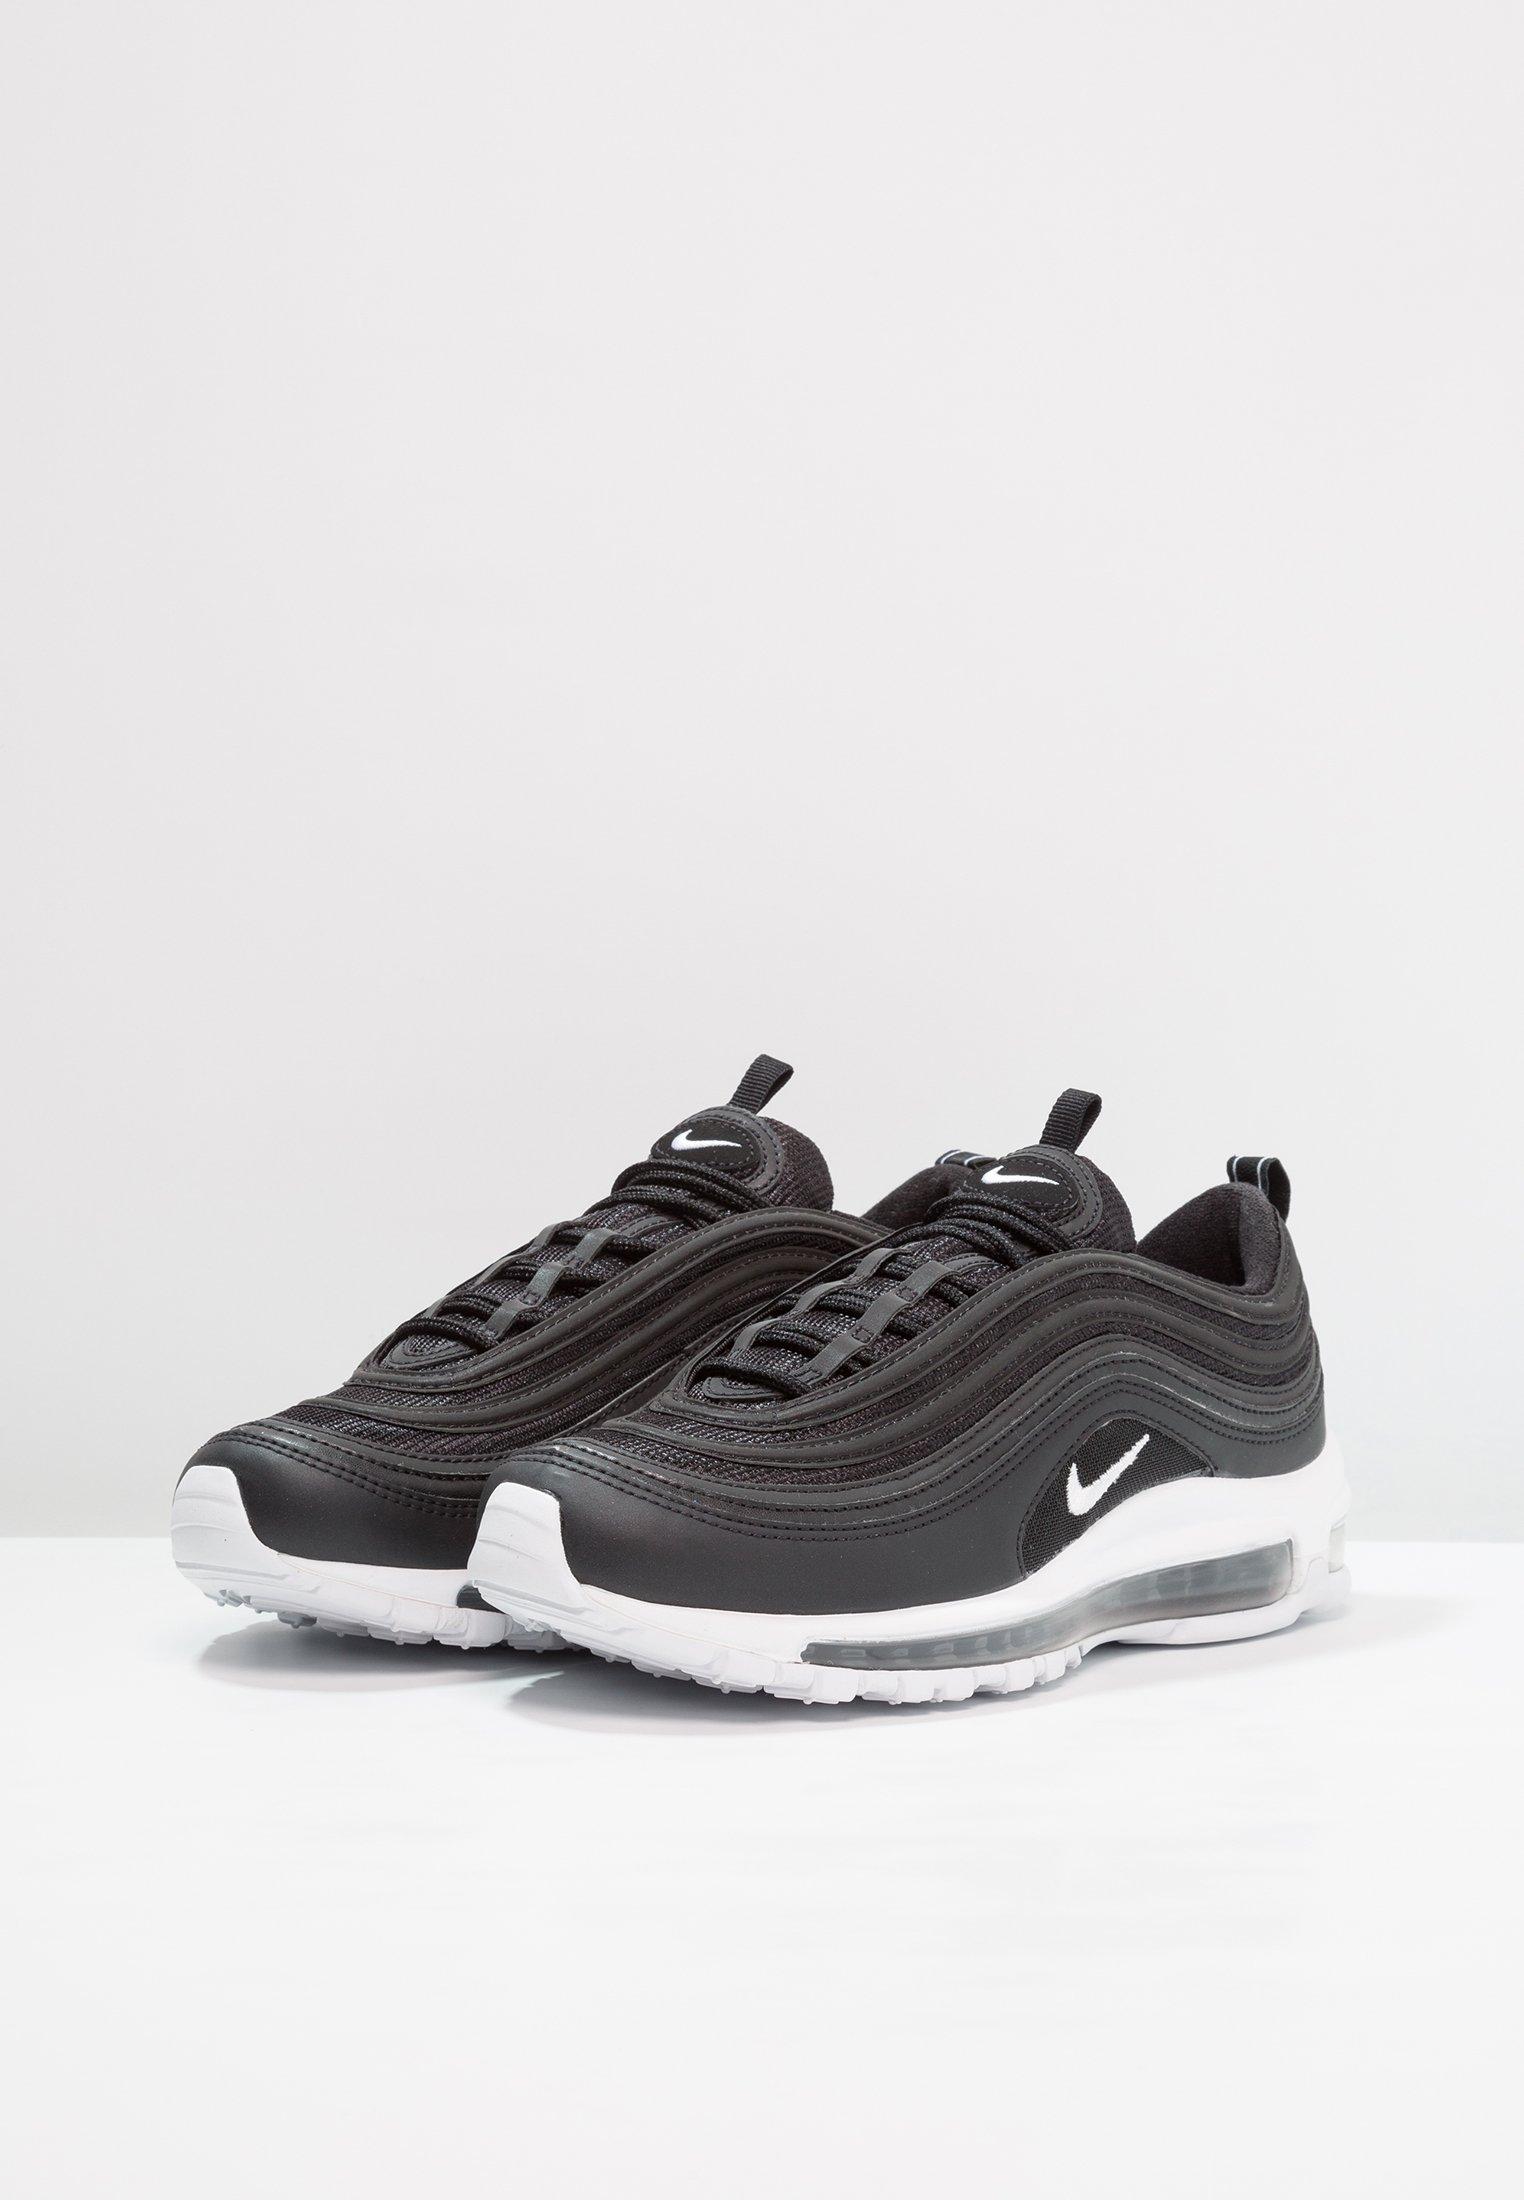 nike air max 97 chaussure